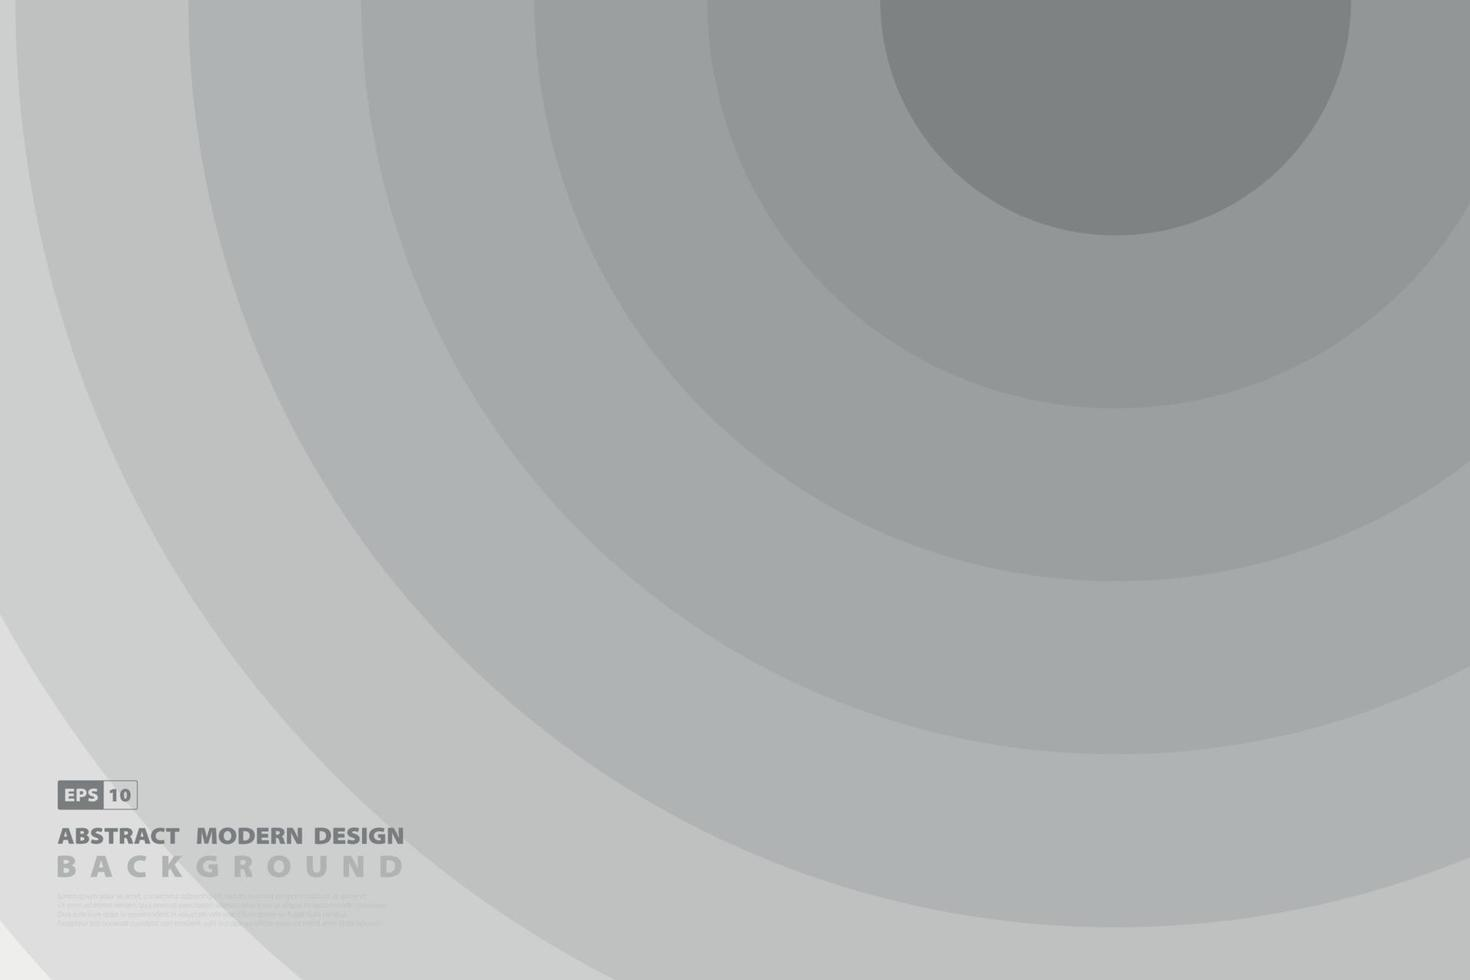 conception de modèle abstrait cercle blanc et gris de fond décoratif minimal. illustration vectorielle vecteur